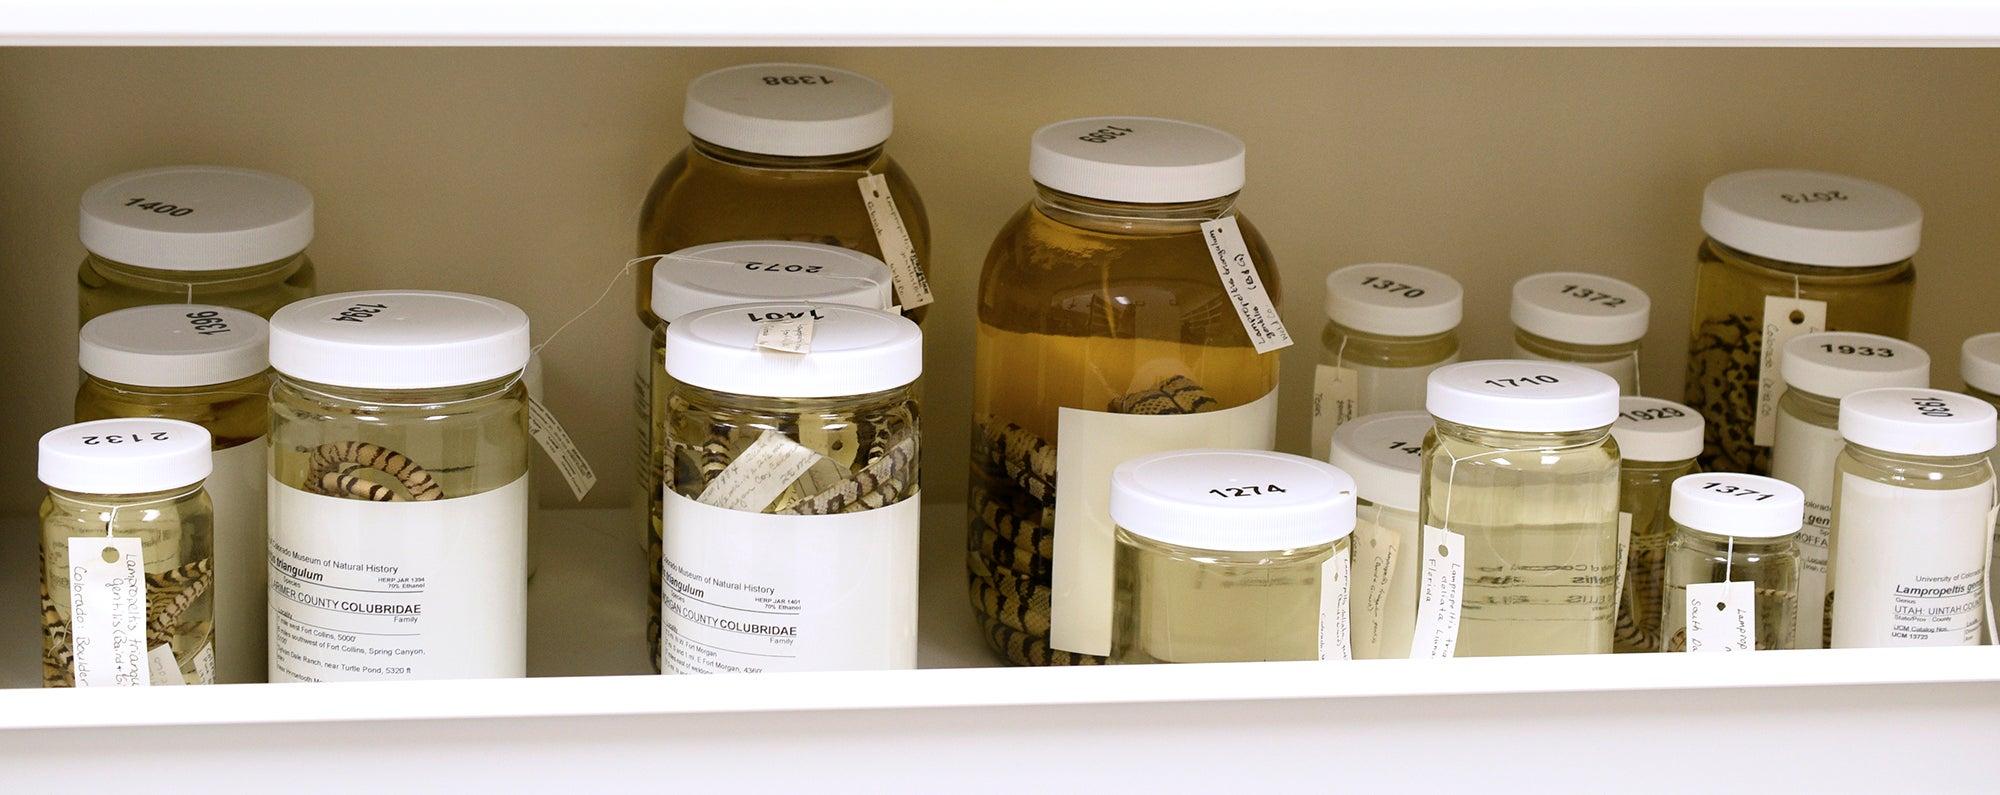 Specimens in jars